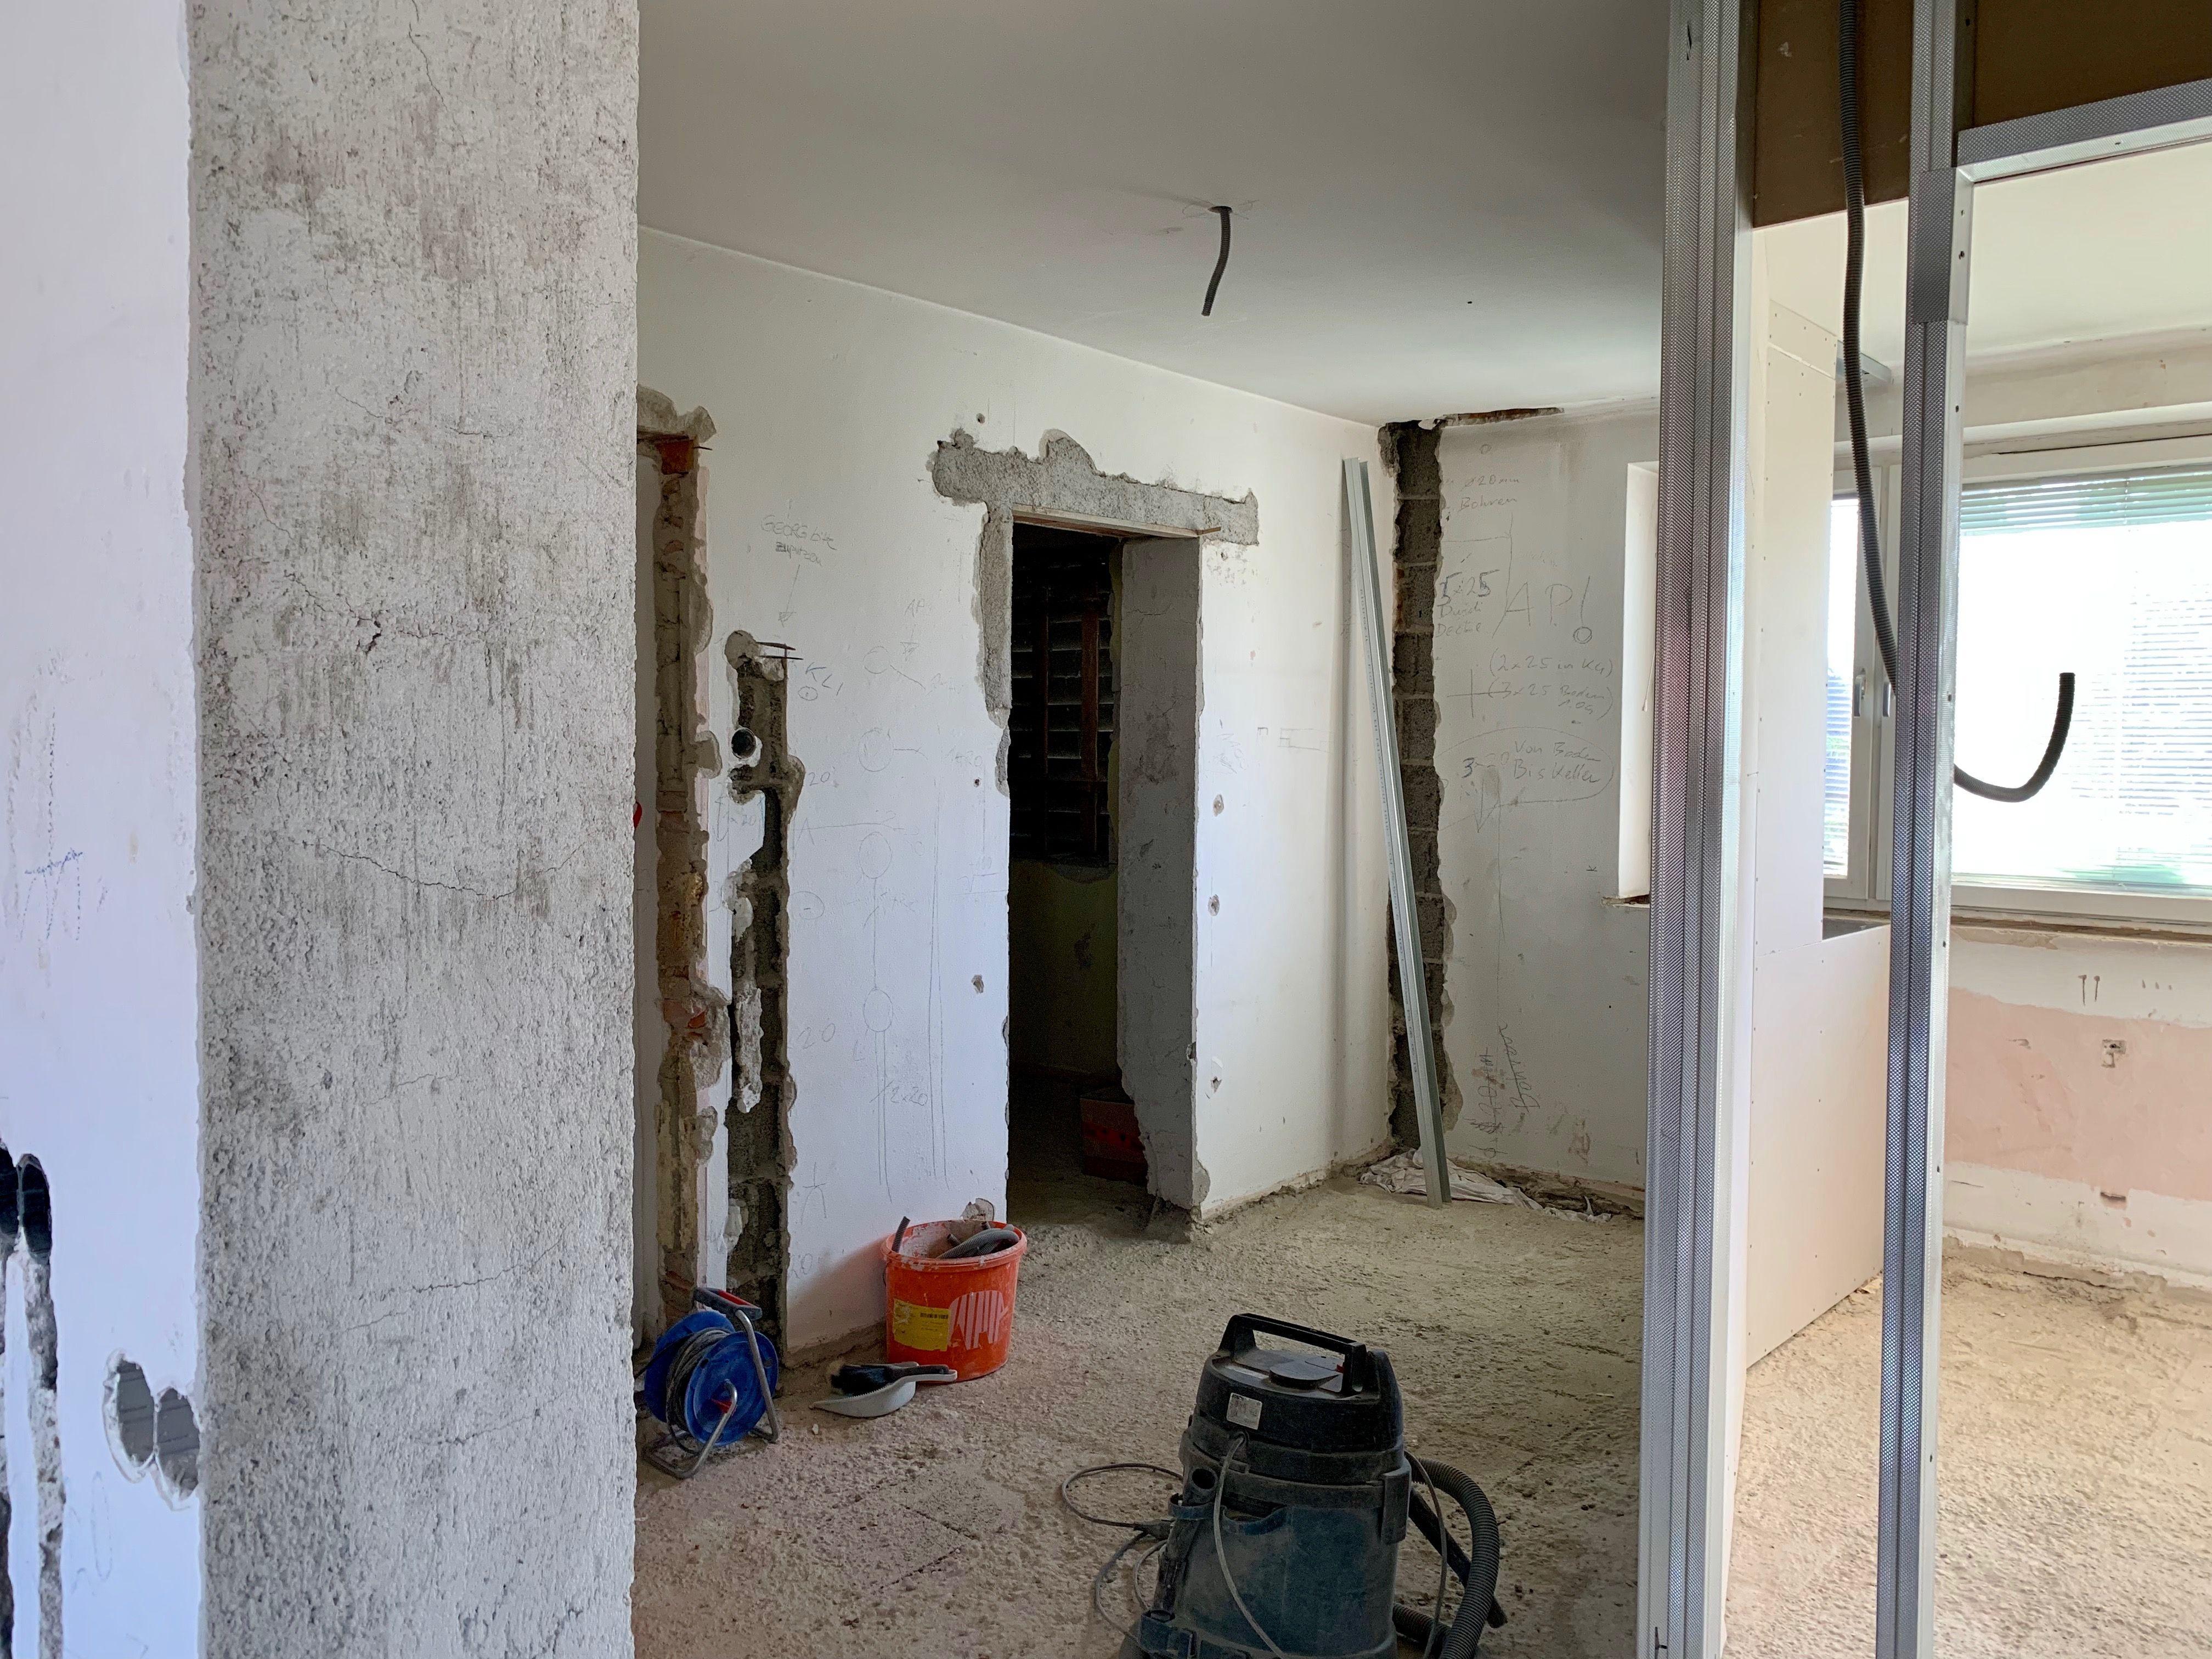 IMG 3747 - Wie man alten Häusern neues Leben einhaucht